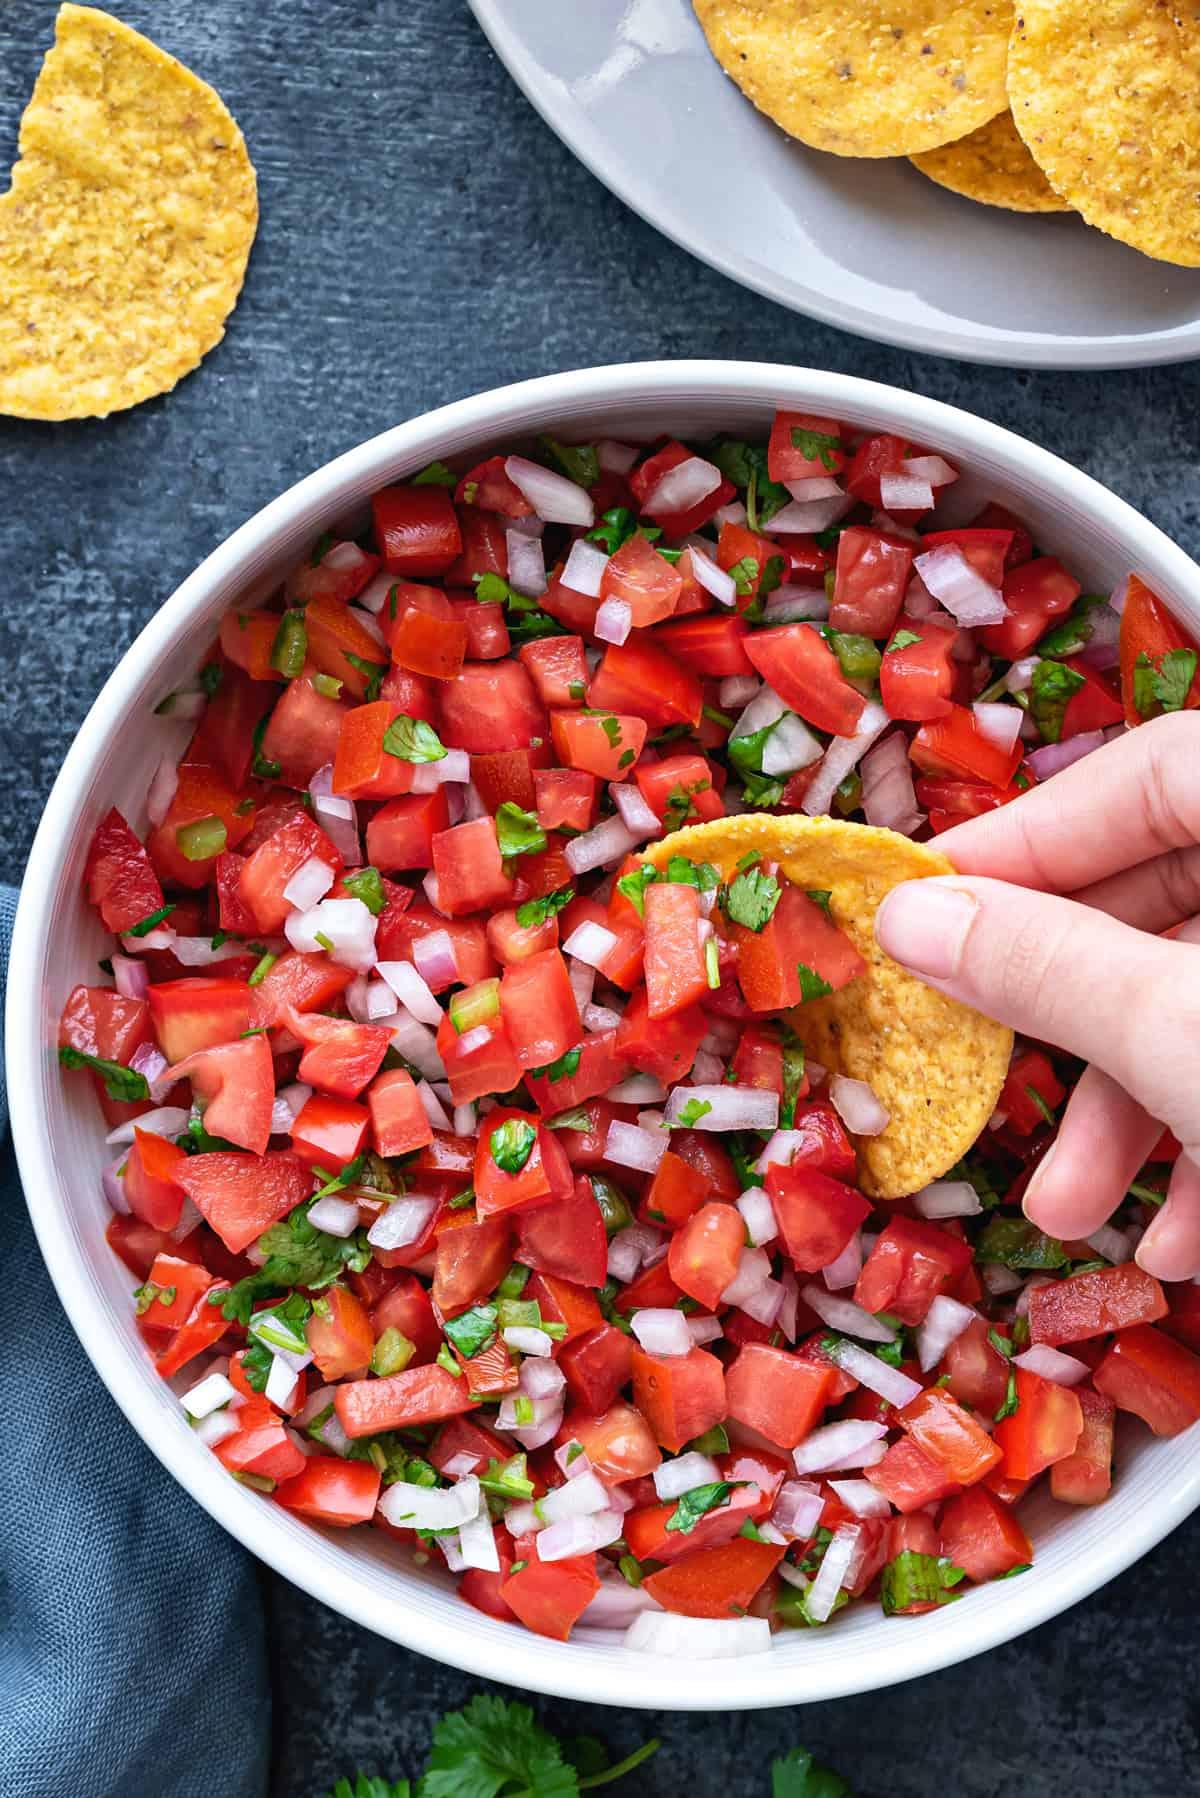 hand dipping a round tortilla chip into a white bowl of pico de gallo salsa fresca